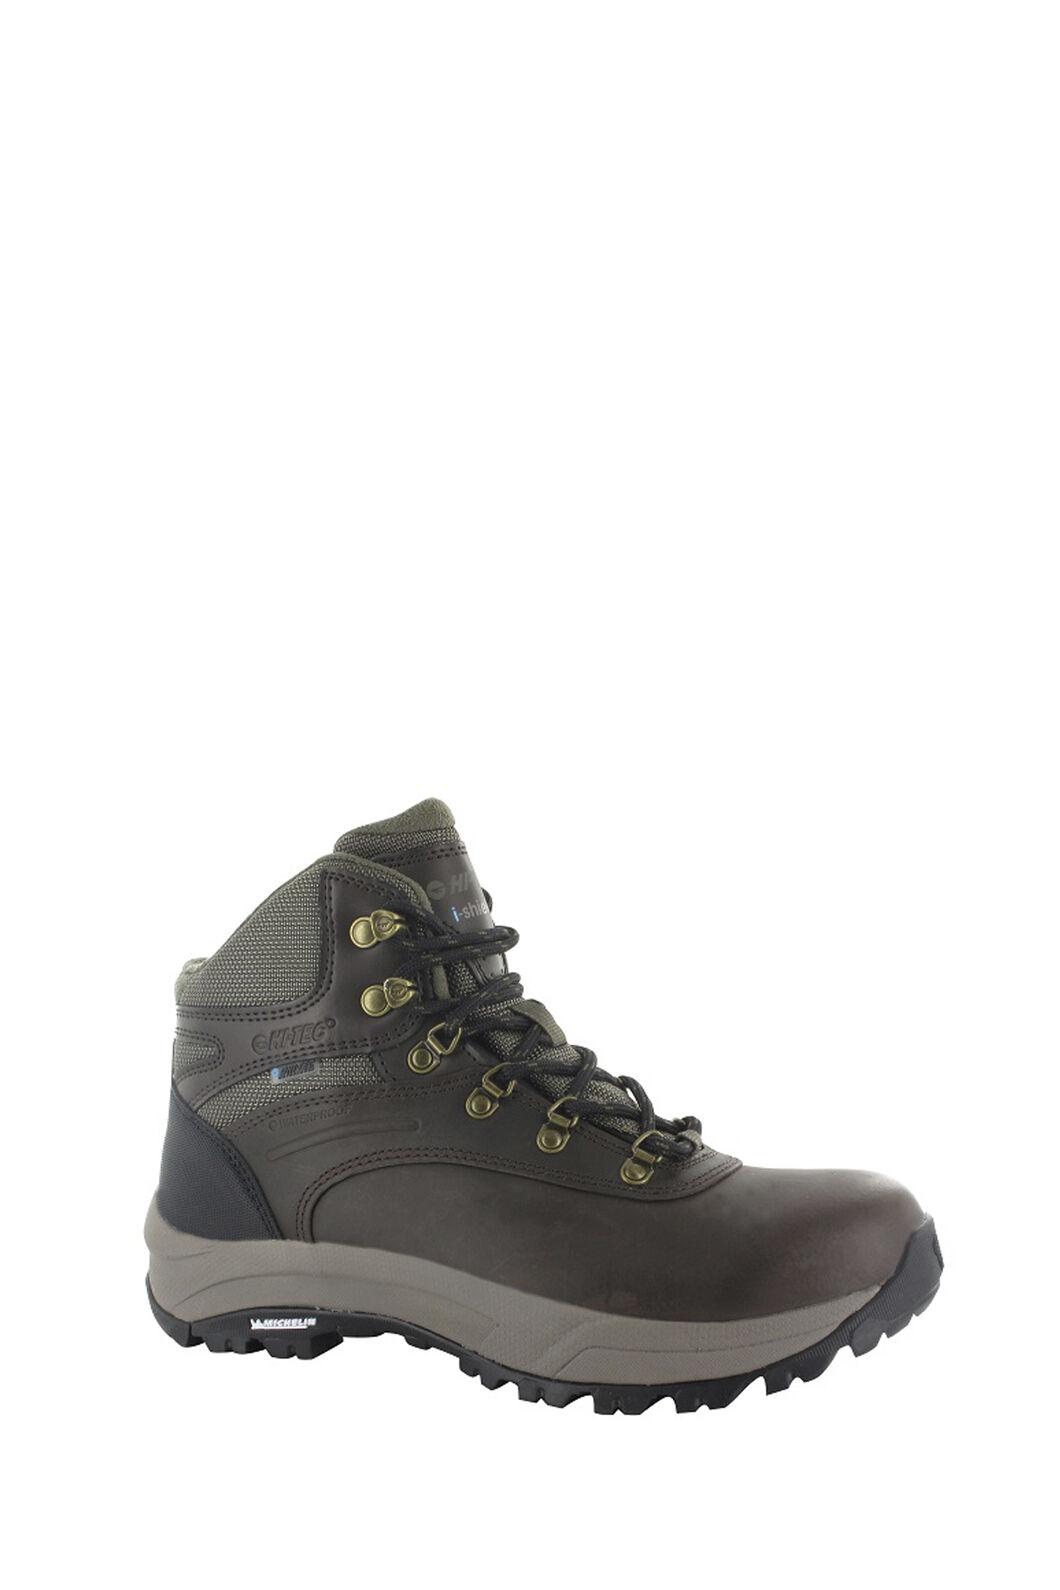 Hi-Tec Altitude VI I WP Boots - Women's, Dark Chocolate, hi-res